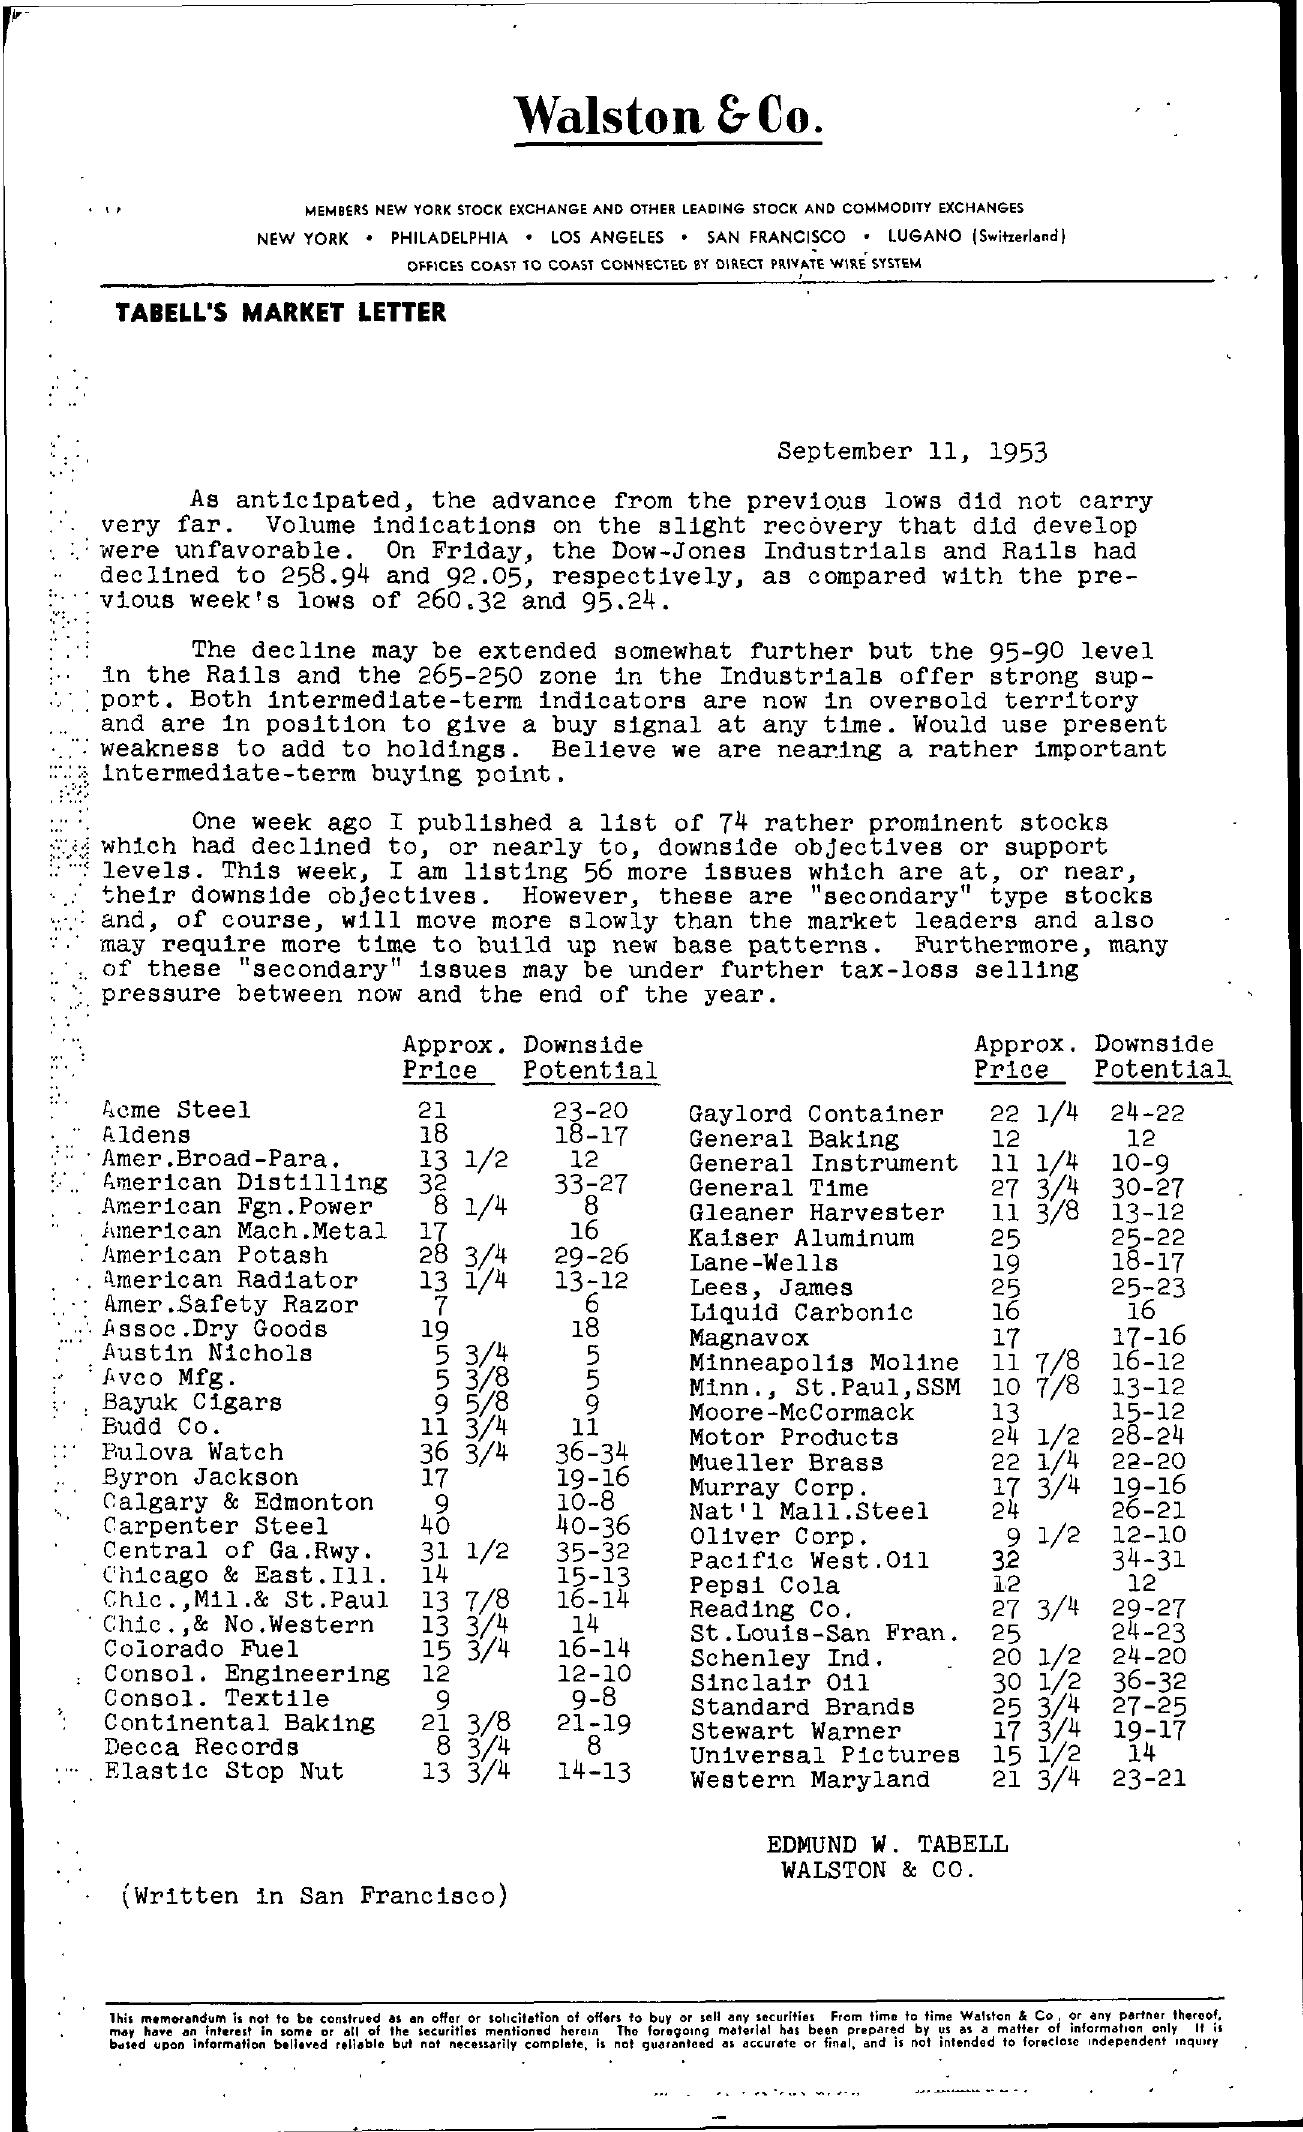 Tabell's Market Letter - September 11, 1953